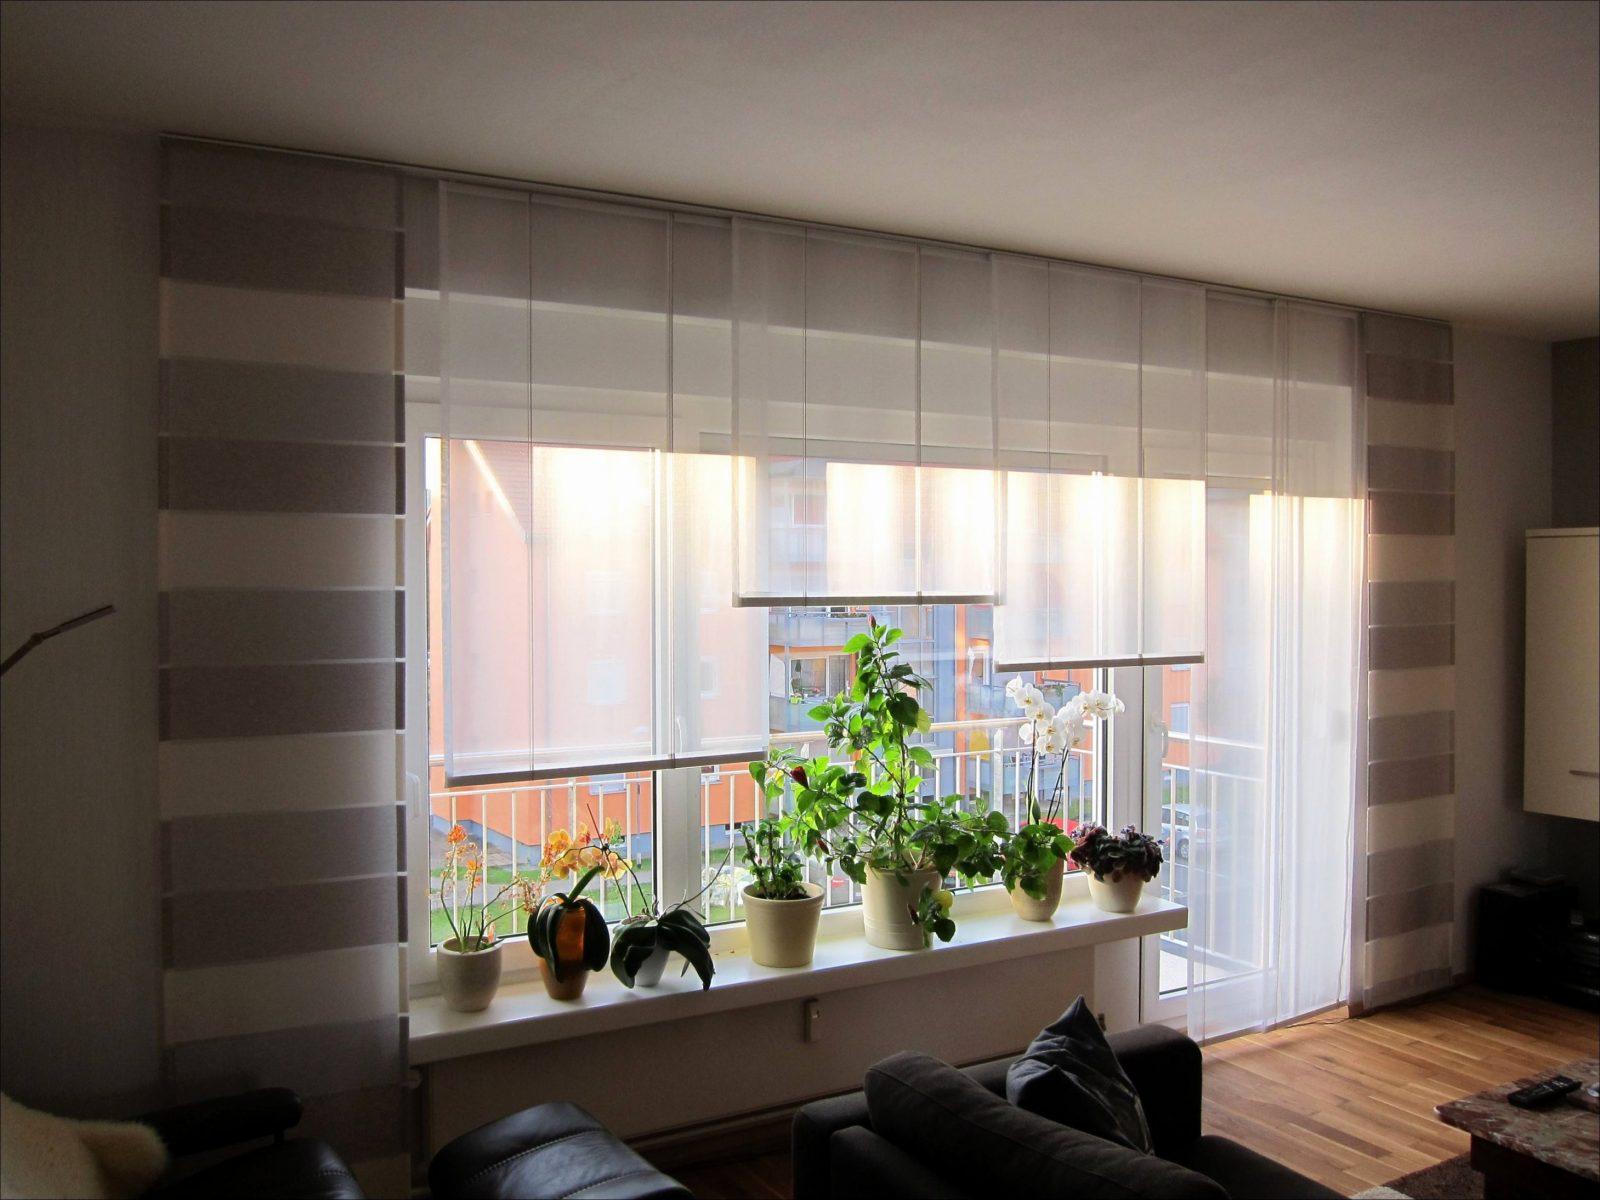 Das Inspirierend Gardinen Für Fenster Mit Balkontür Bieten Ihre Für von Ideen Für Wohnzimmer Gardinen Photo